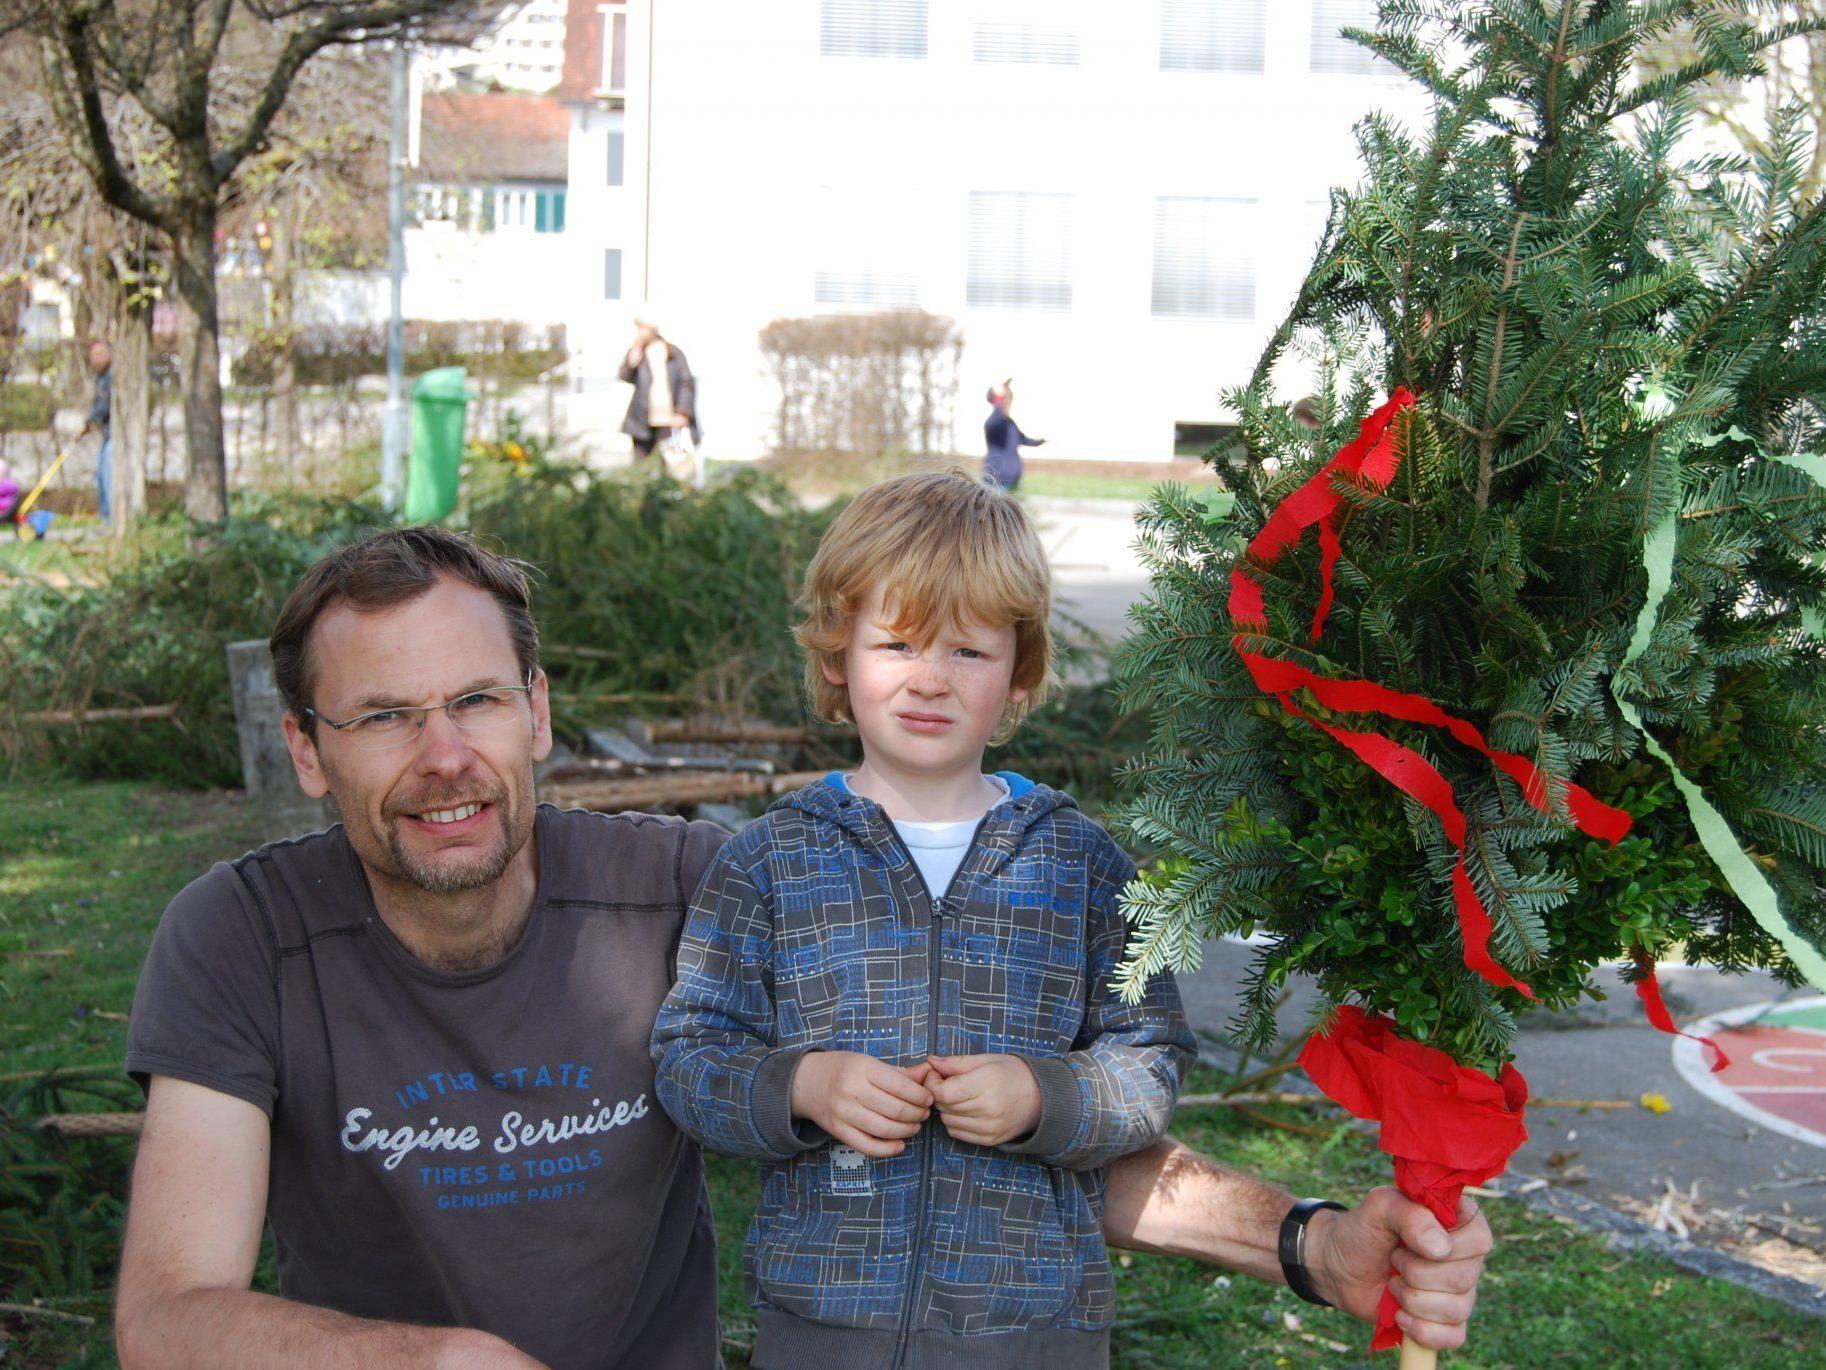 Vater und Sohn sind stolz auf ihren selbst gefertigten Palmen.